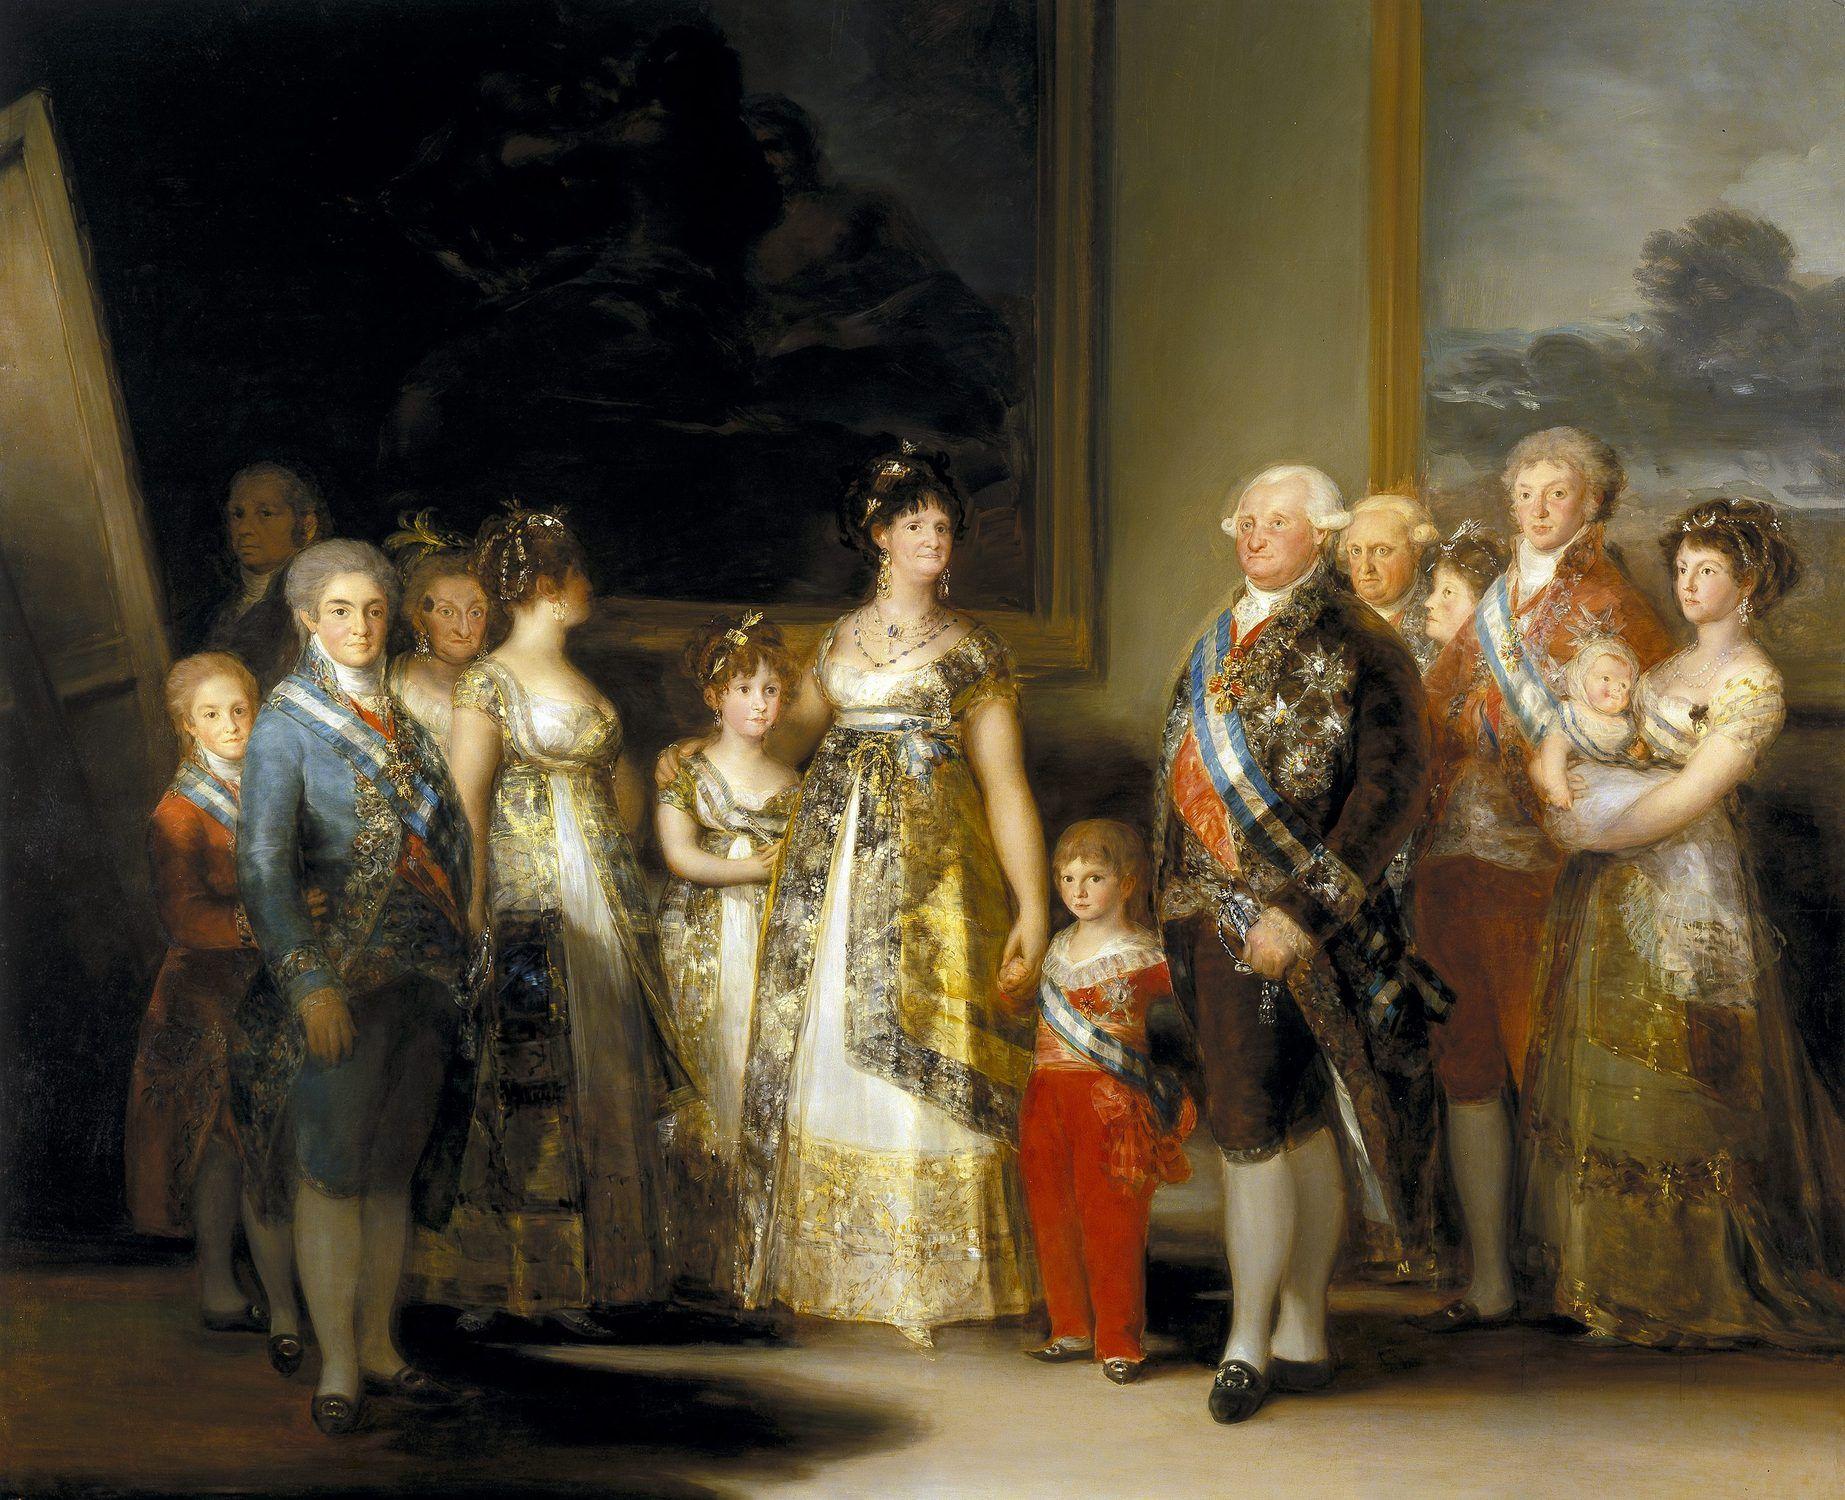 Retrato de la familia real de Carlos IV de Espana por Francisco de Goya.